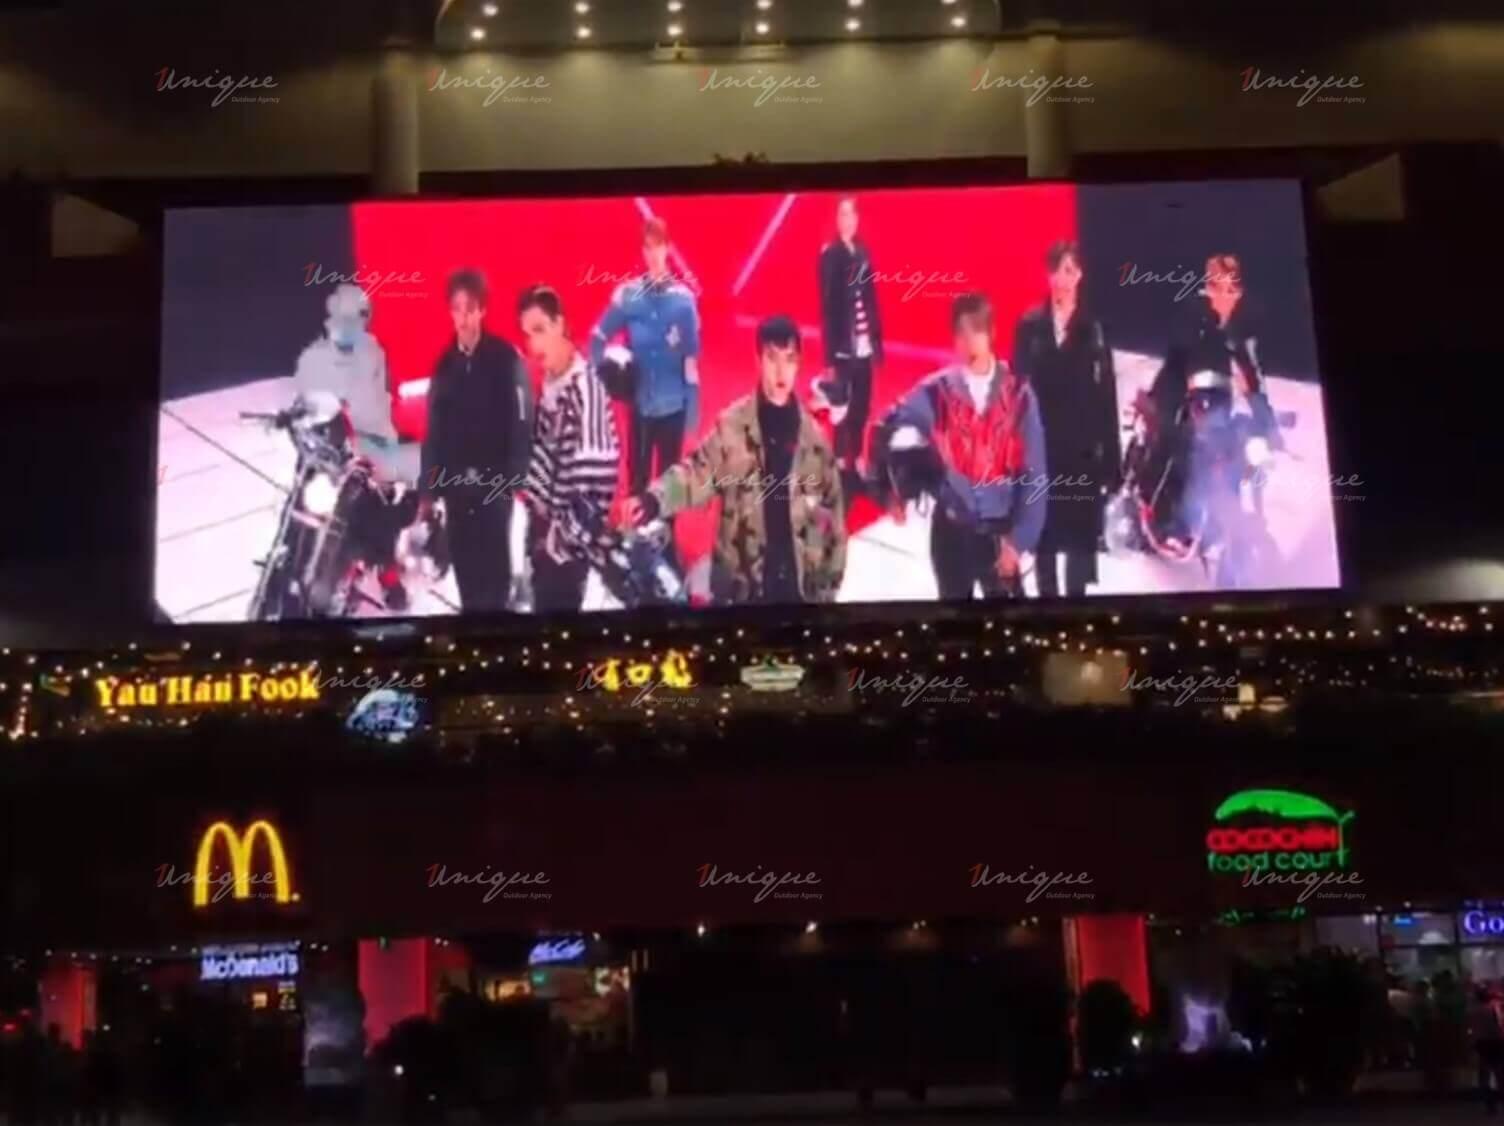 Quảng cáo màn hình Led chúc mừng EXO ra mắt album mới